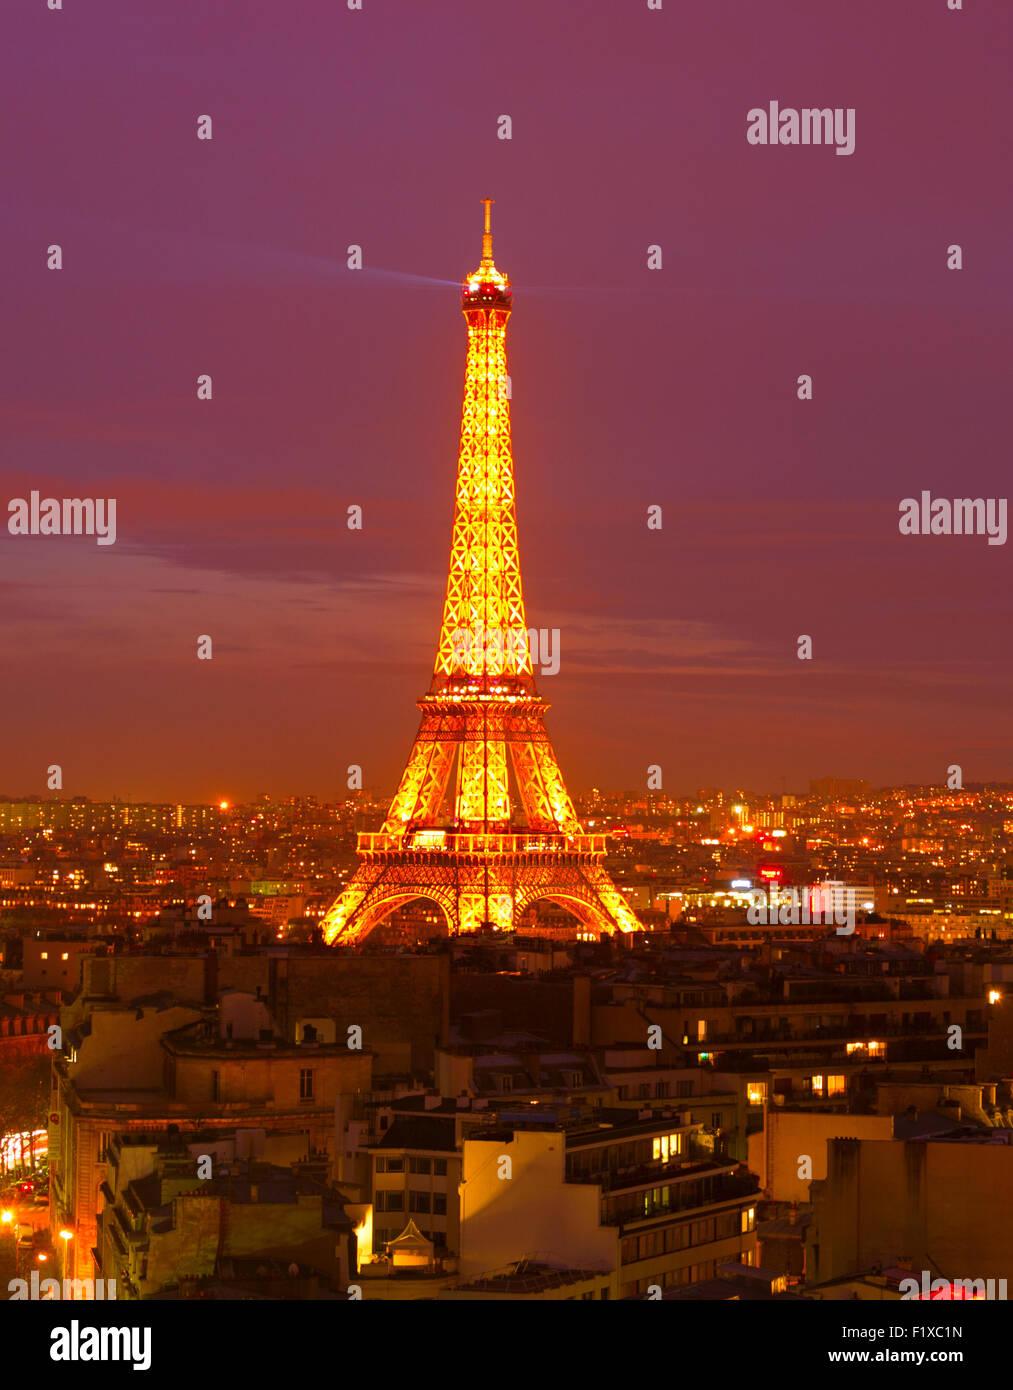 Eiffel Turm Licht Leistung zeigen in der Nacht. Stockbild